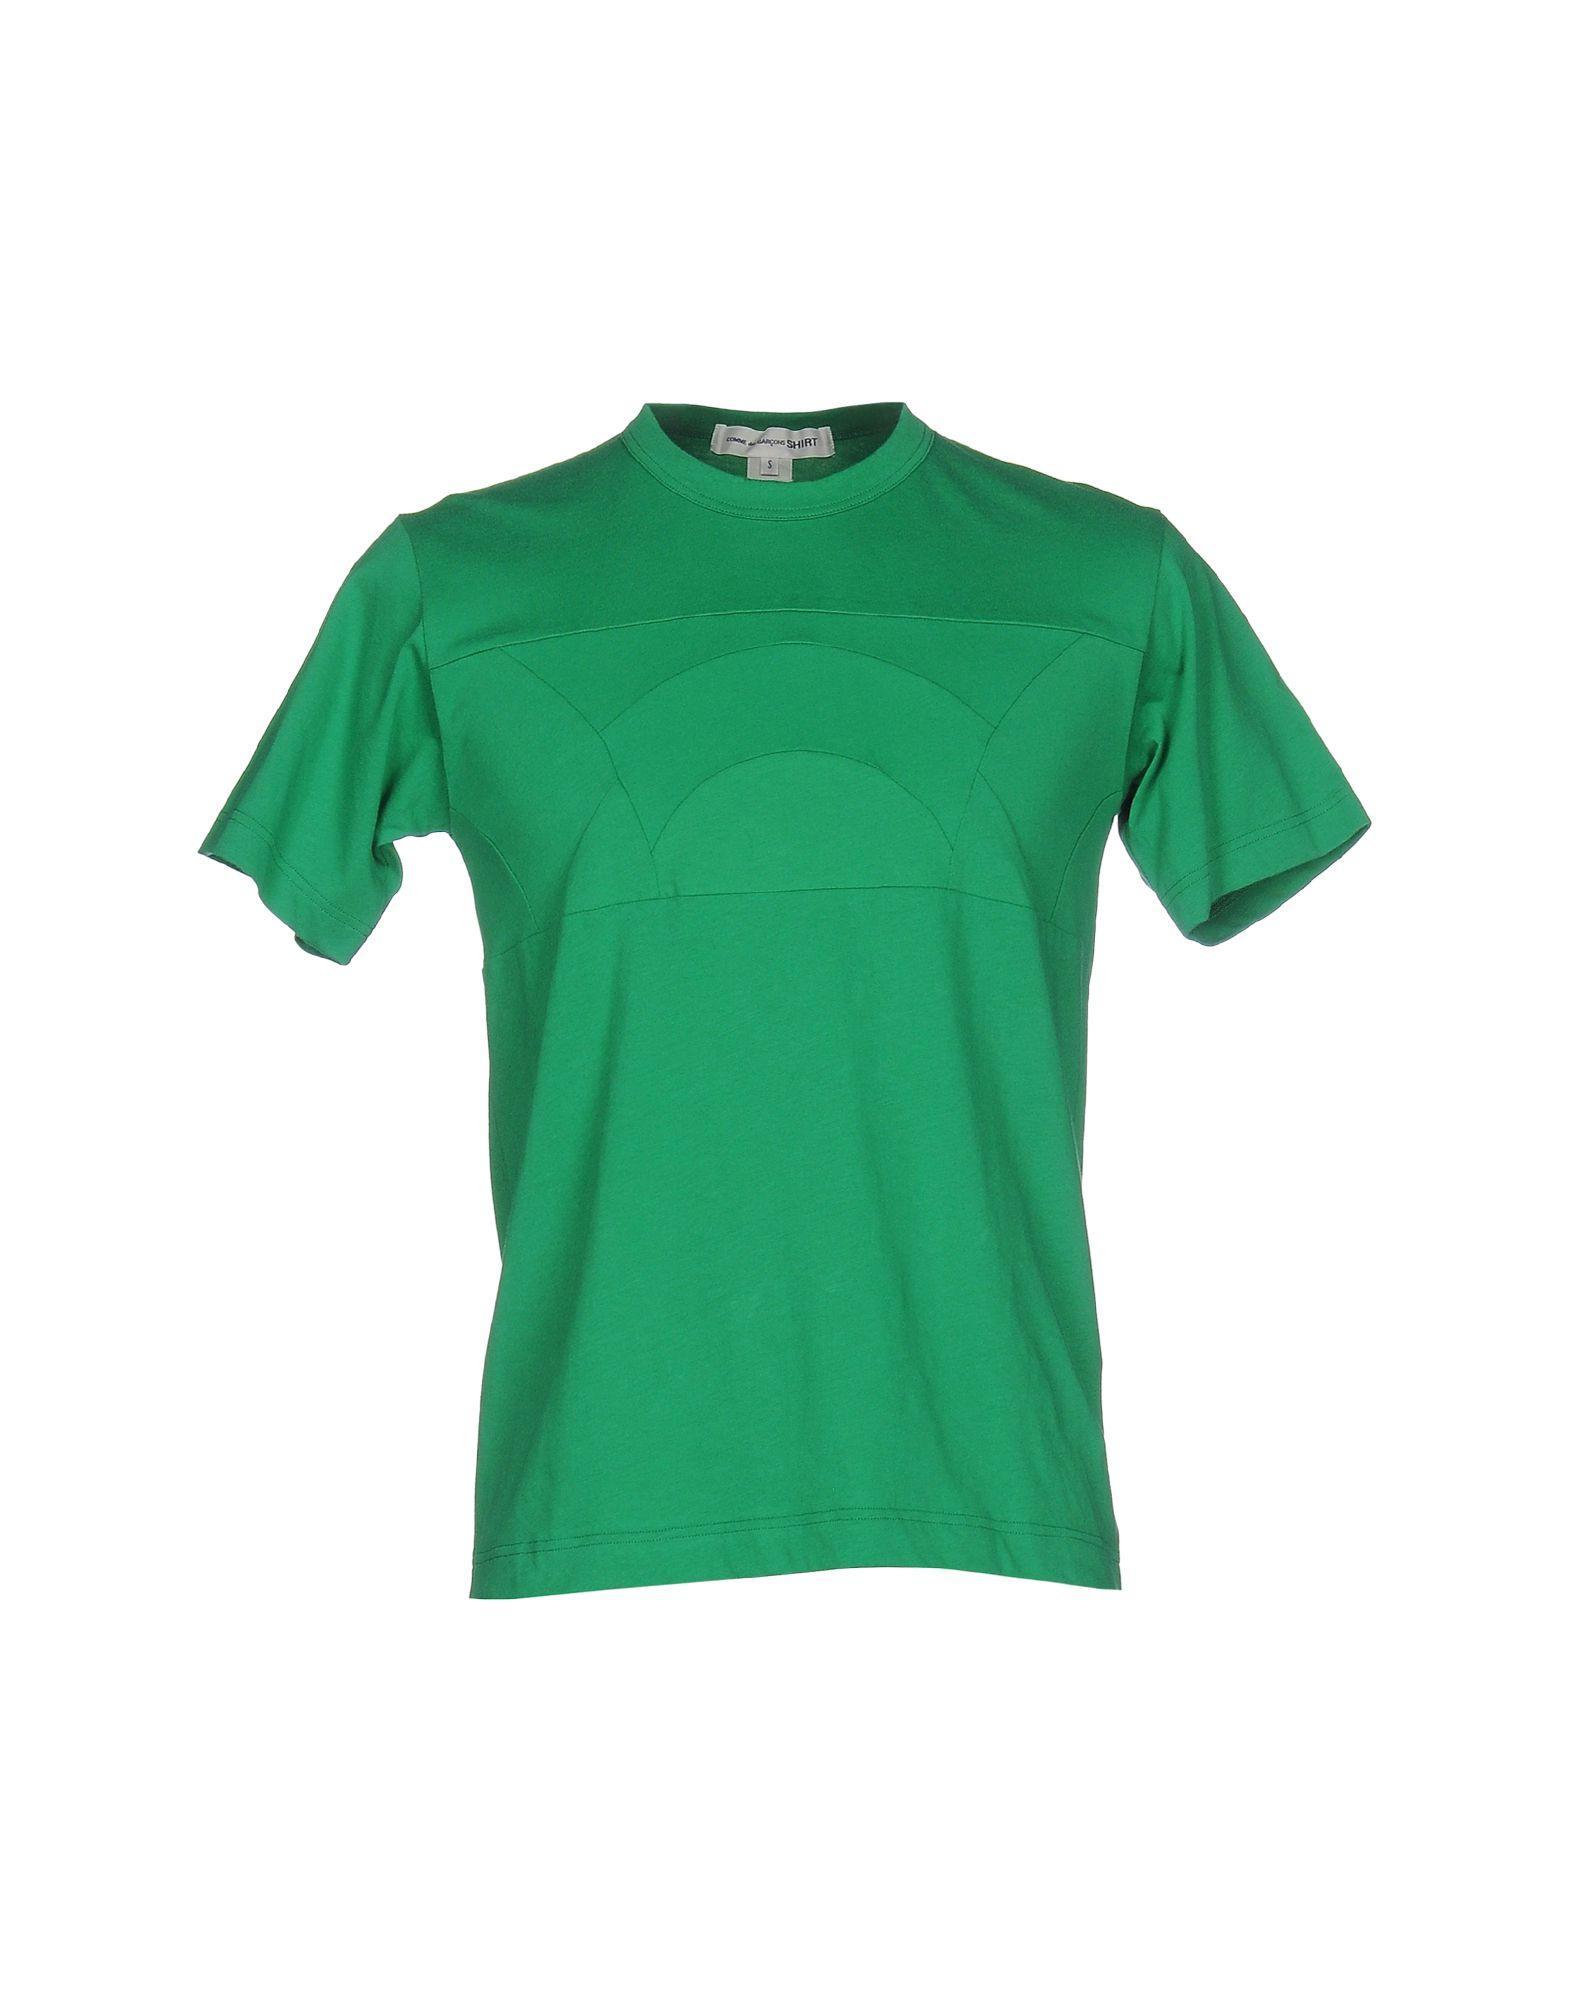 lyst comme des gar ons t shirt in green for men. Black Bedroom Furniture Sets. Home Design Ideas